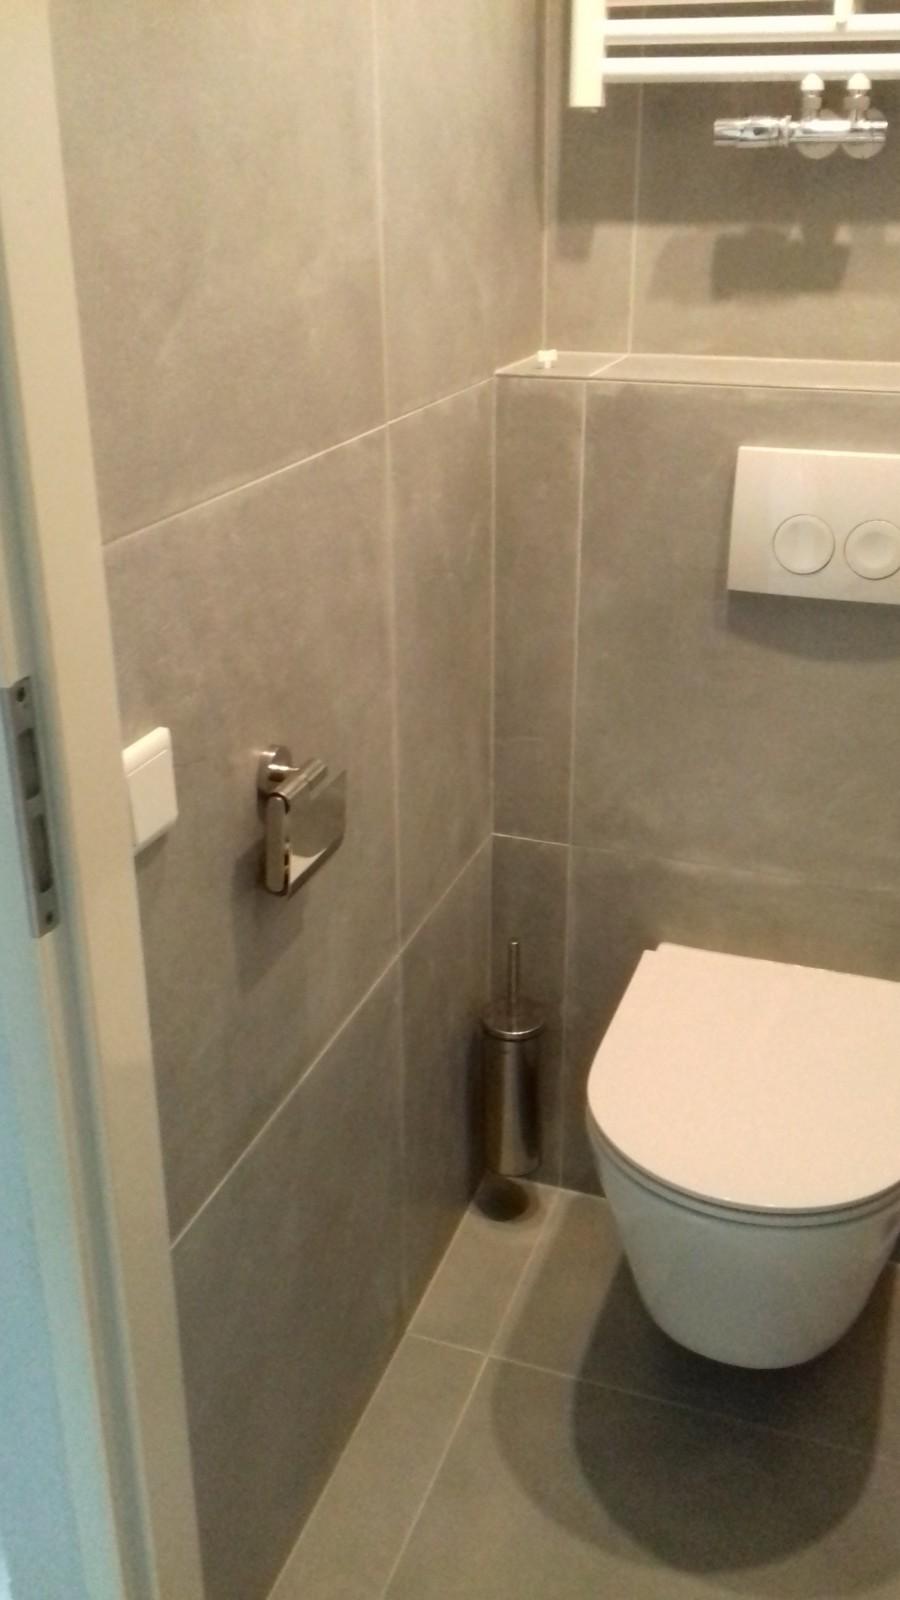 https://backend.klussenier.net/images/profiles/351357/document/16566-badkamer-en-toilet-renovatie-zwolle.jpg